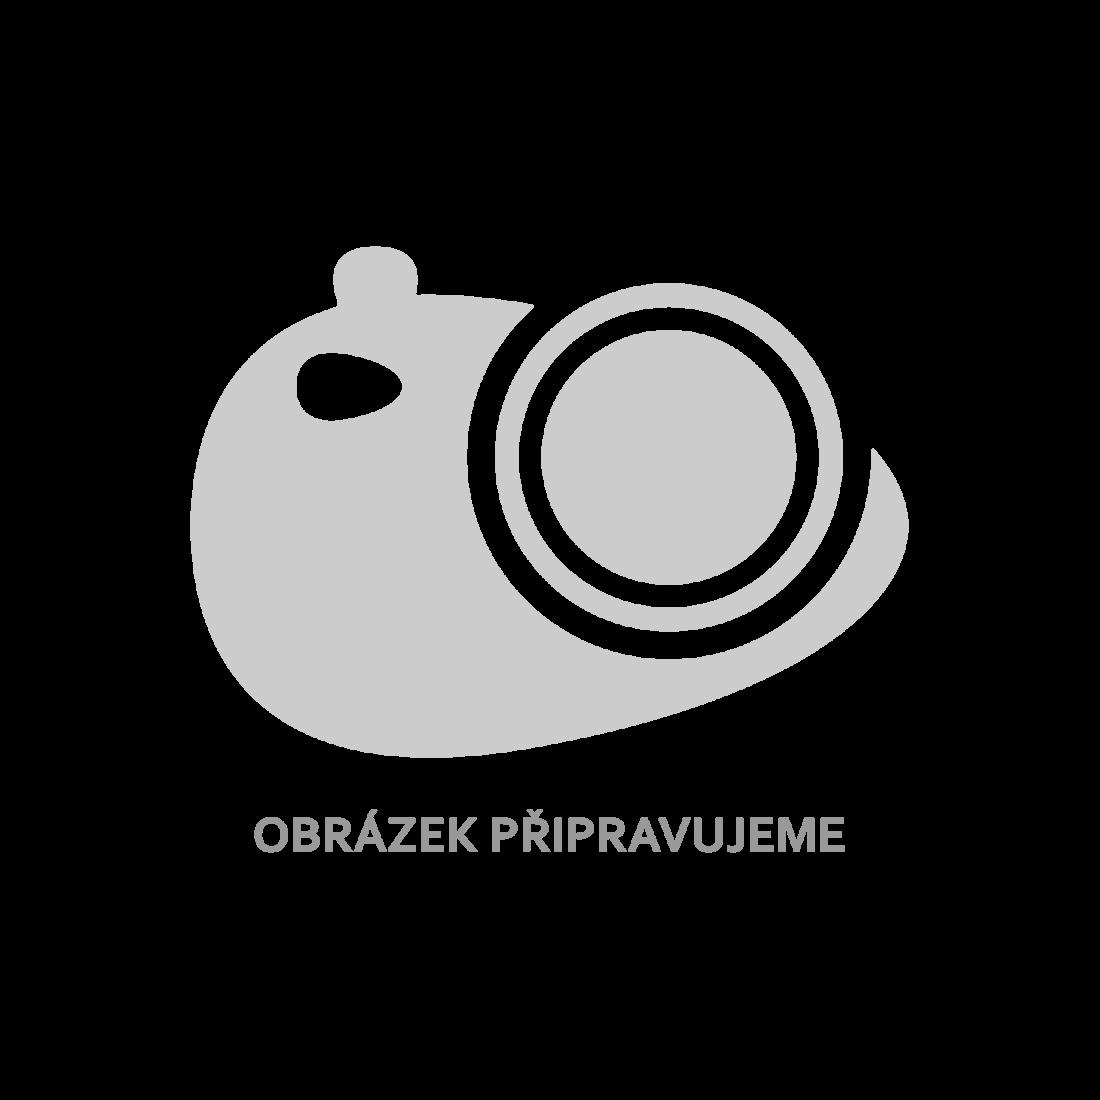 vidaXL TV stolek s kovovými nohami bílý 69,5 x 30 x 50 cm [805932]